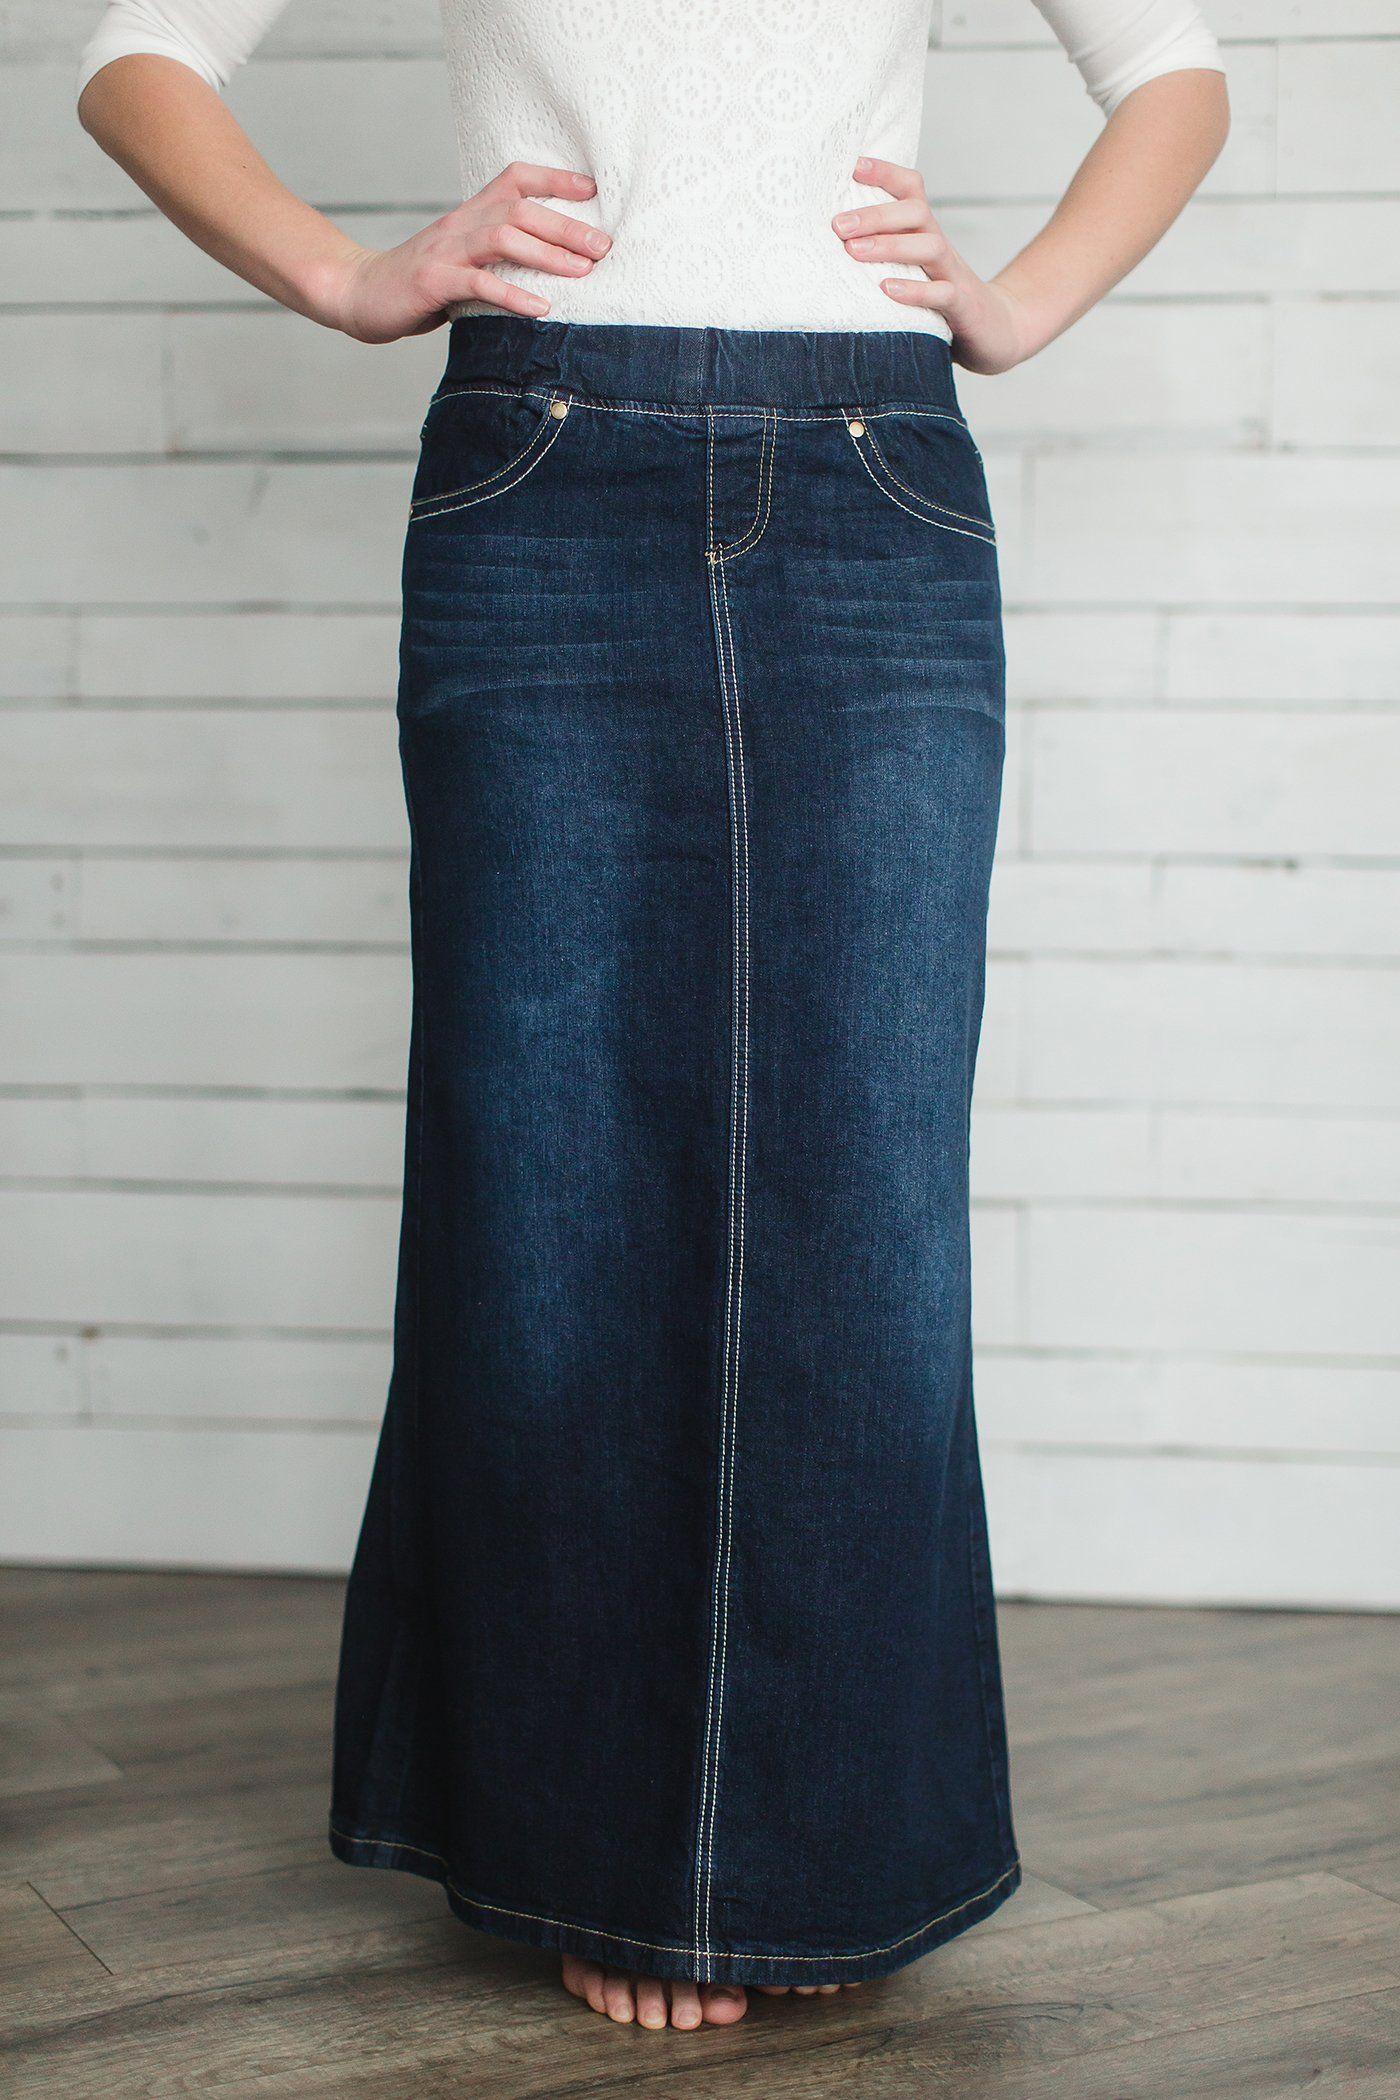 98307da2e0 Modest Women s Leah Long Denim Skirt